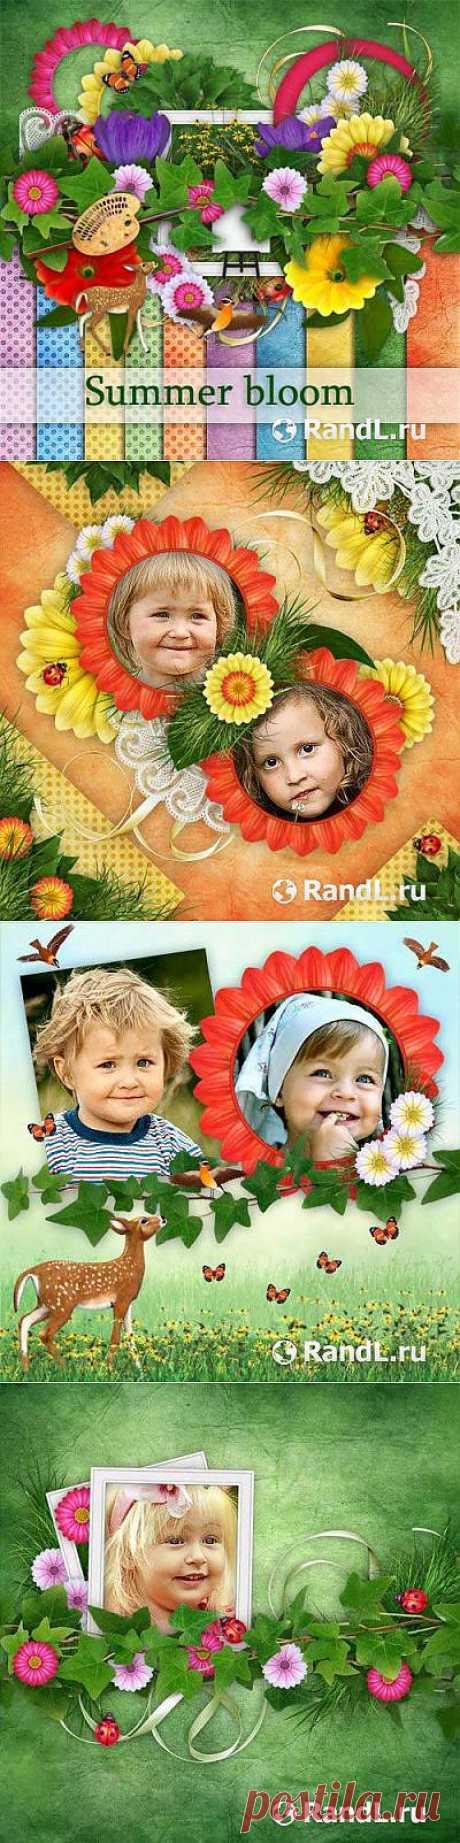 Прекрасный летний скрап-комплект - Цветущие летом » RandL.ru - Все о графике, photoshop и дизайне. Скачать бесплатно photoshop, фото, картинки, обои, рисунки, иконки, клипарты, шаблоны.